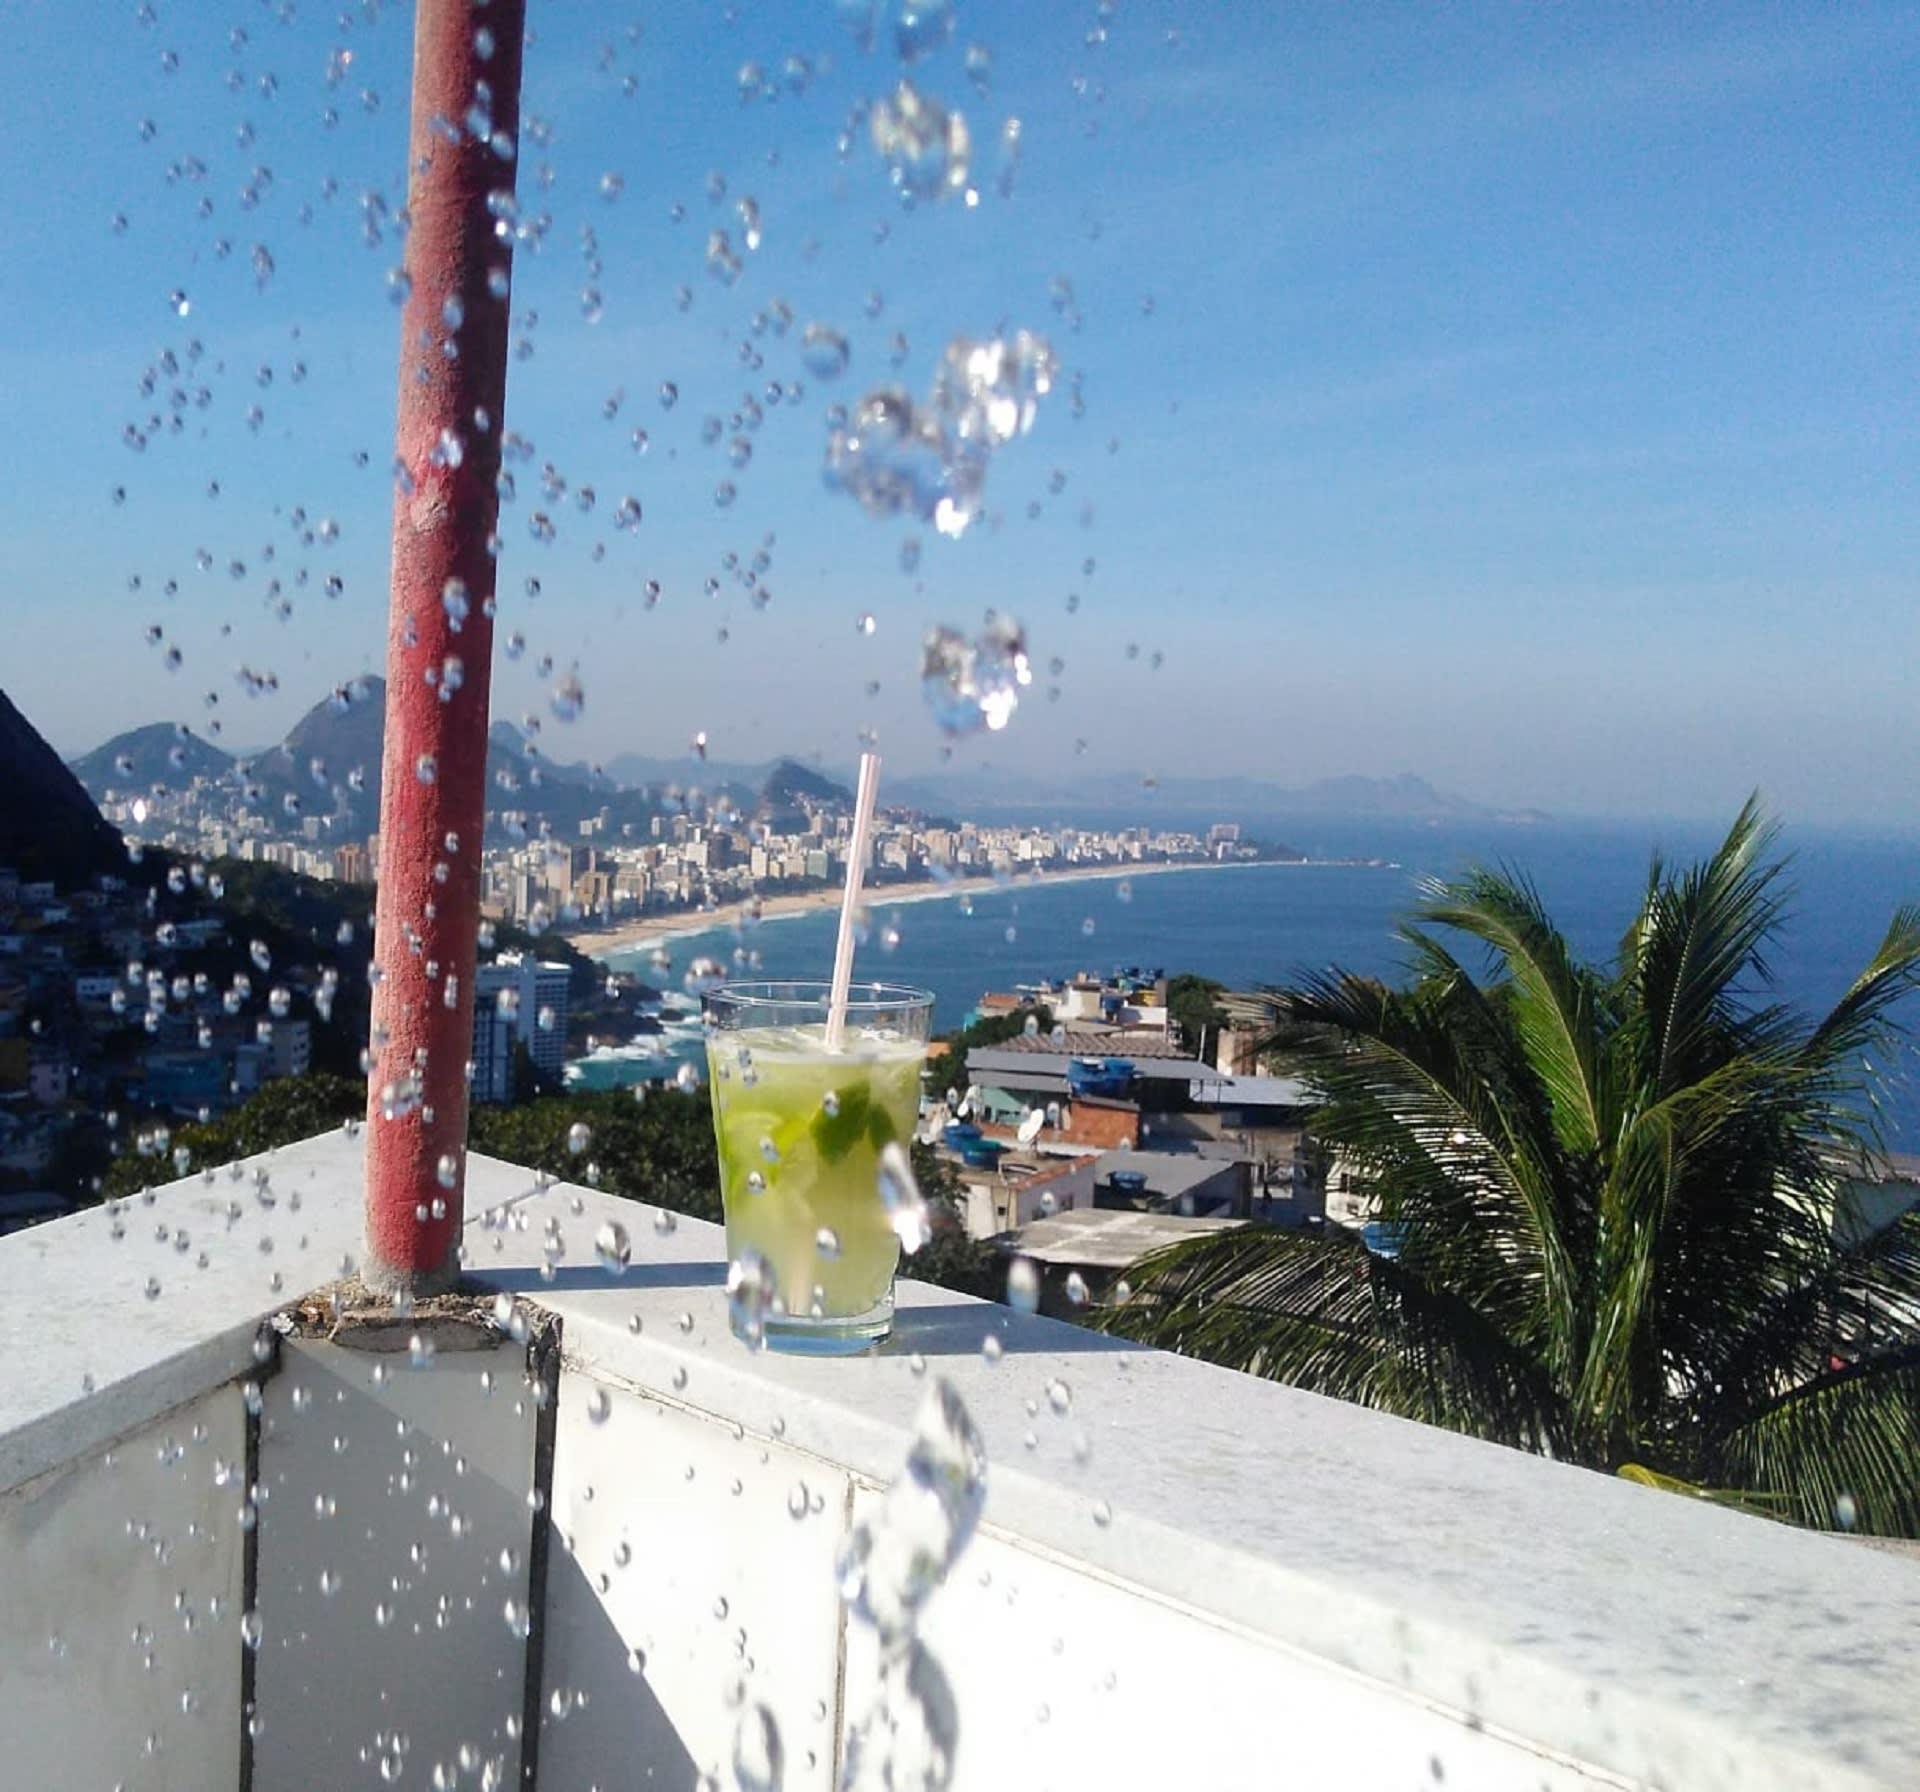 HOSTEL - Natural Do Rio Guesthouse